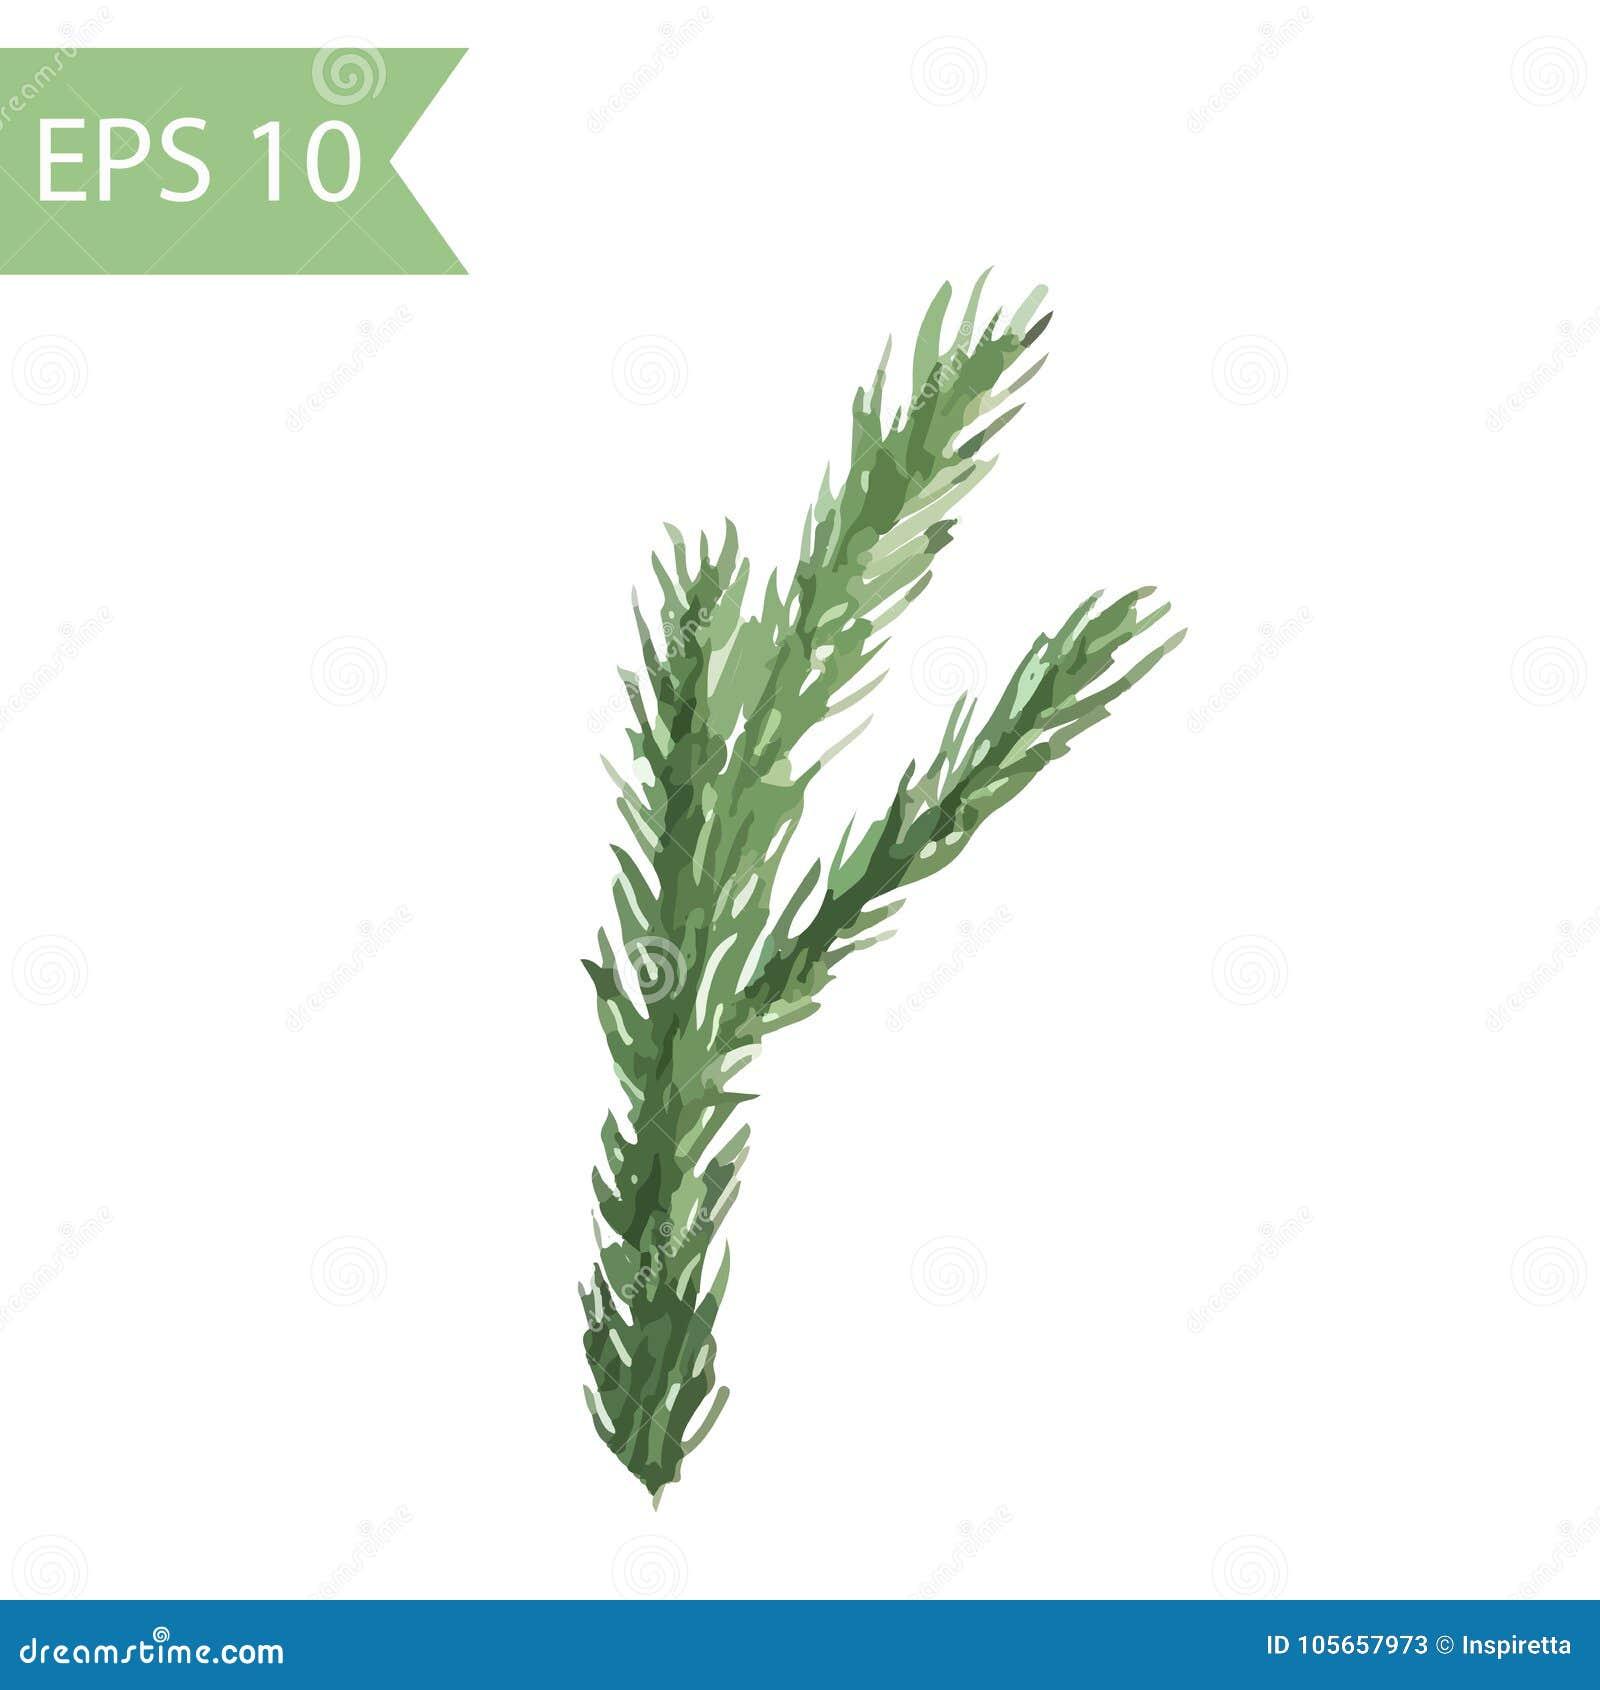 Rama spruce verde pintada en acuarela imagen aislada vector